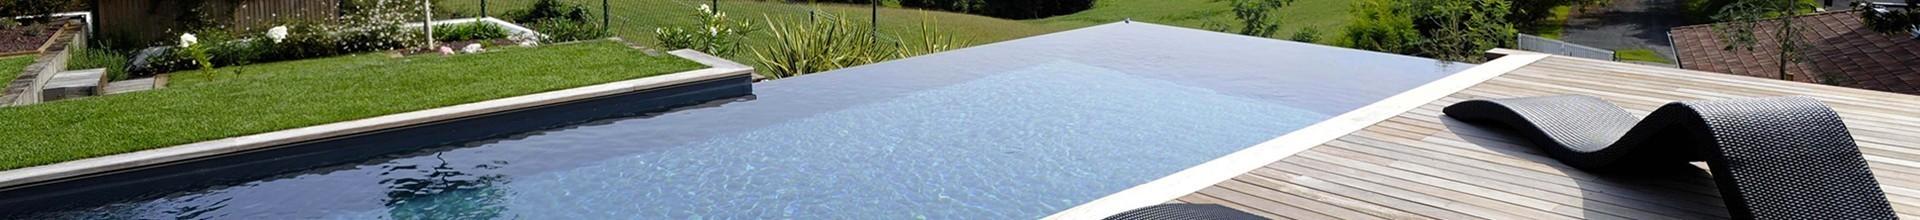 Direct usine, piscine coque prix Lucerne